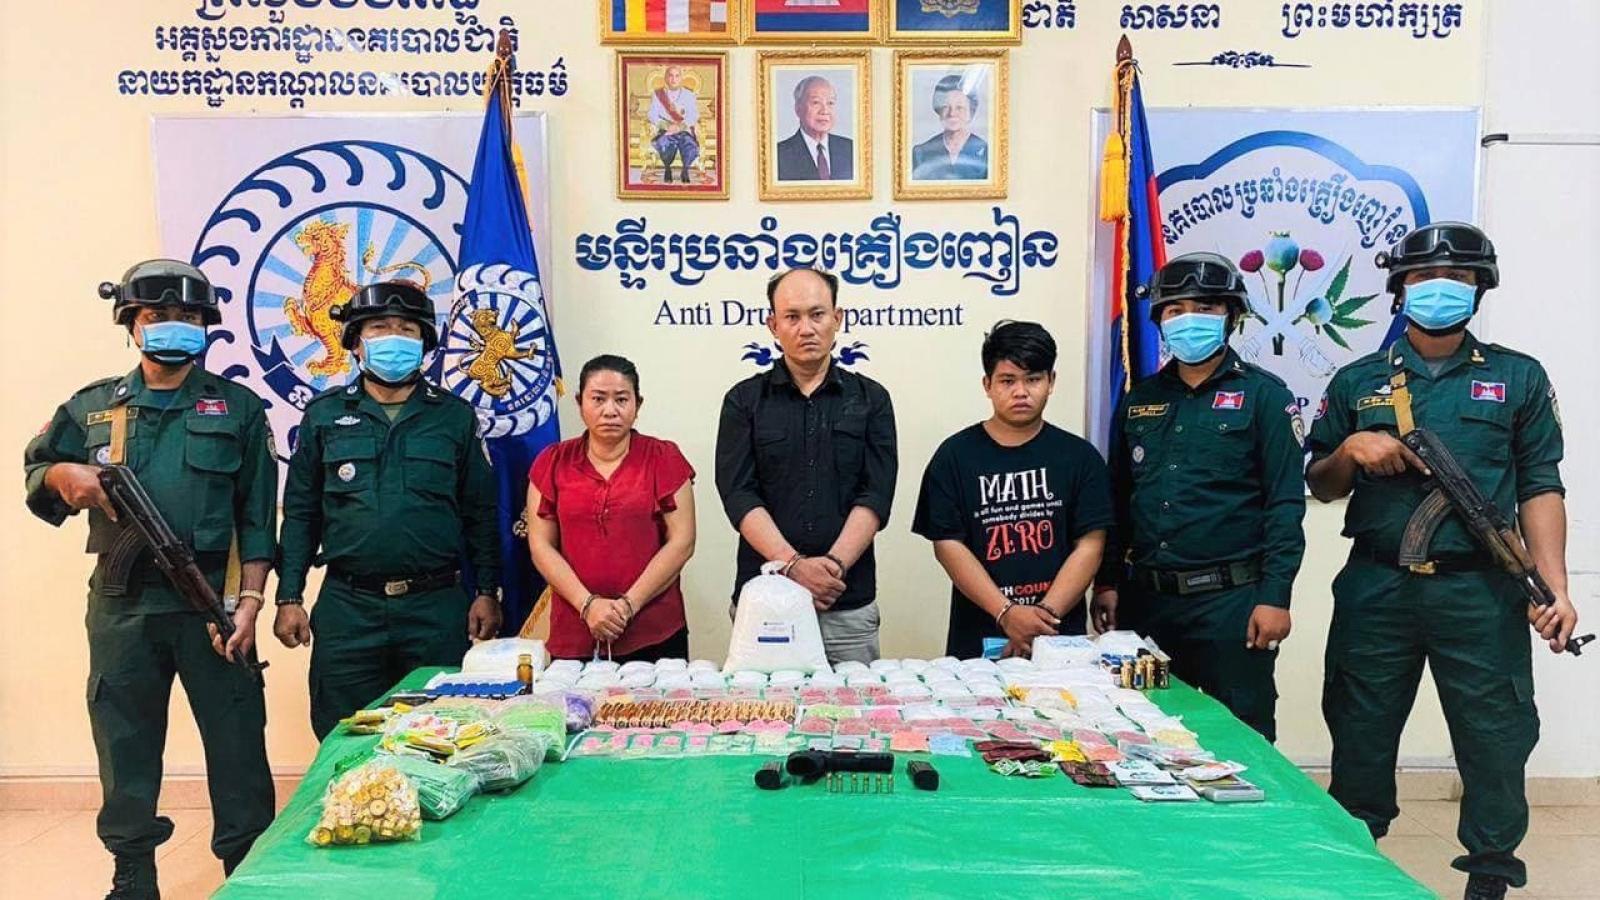 Campuchia bắt hơn 20.000 đối tượng liên quan đến ma túy trong năm 2020